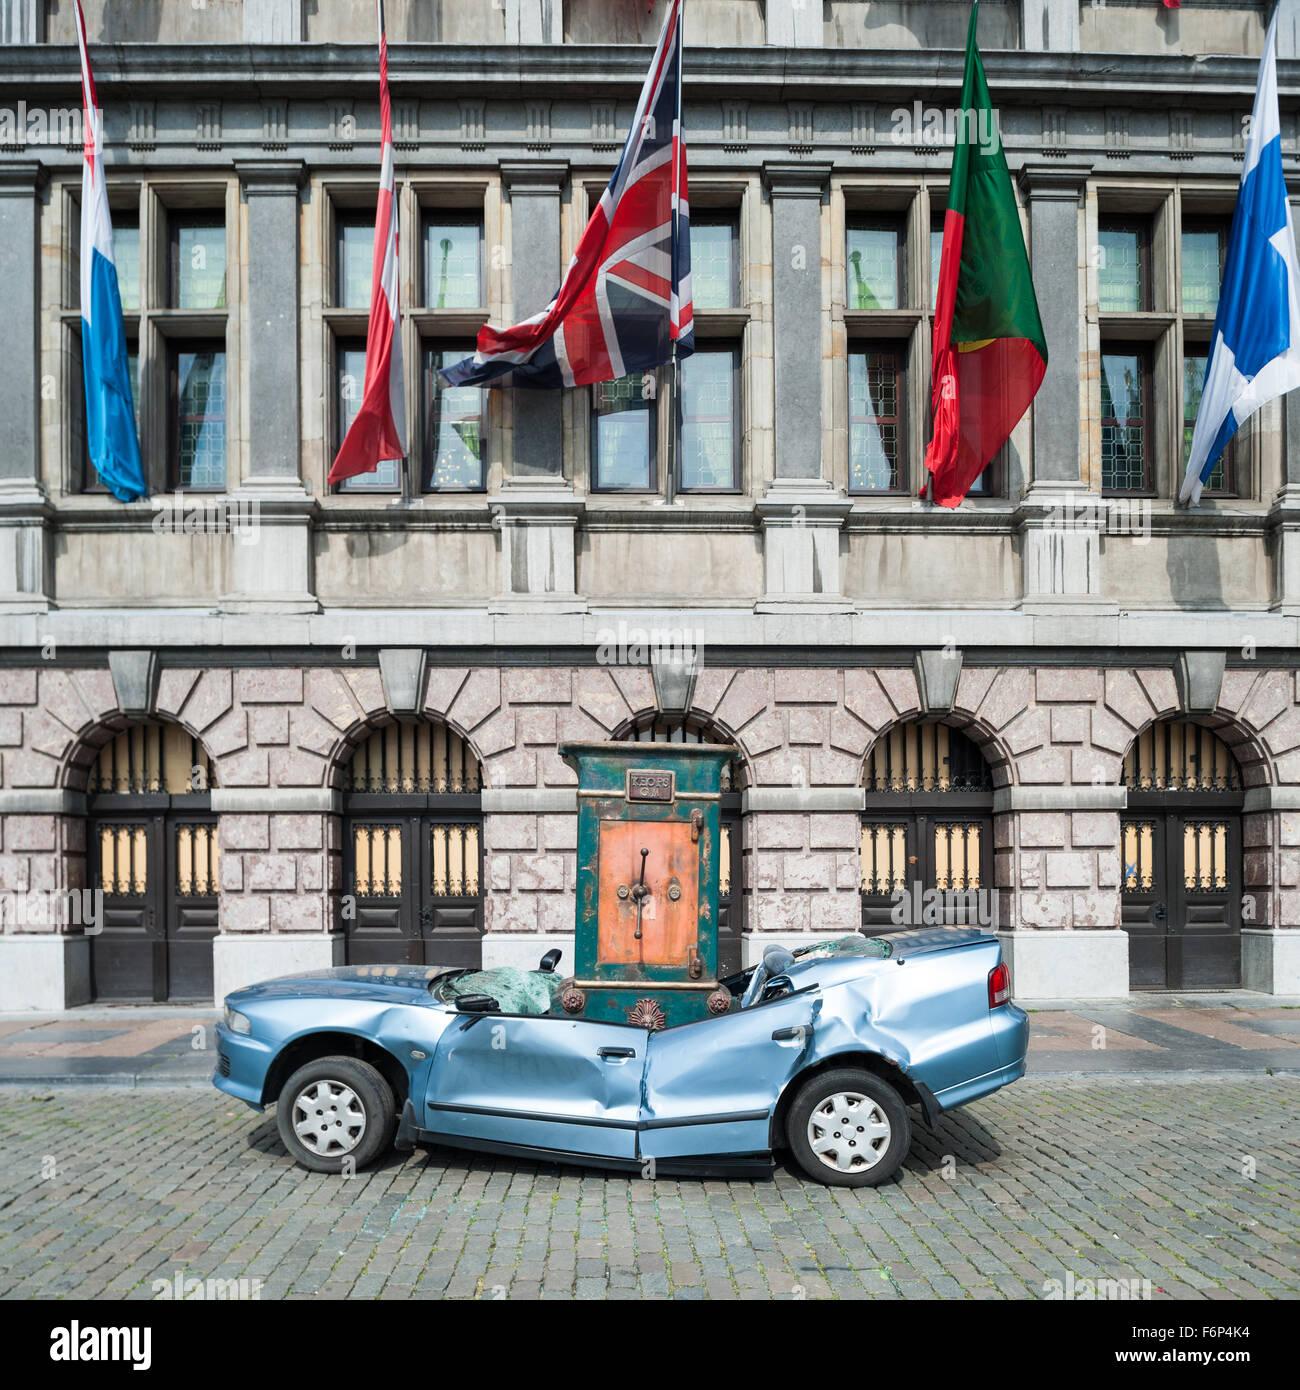 Belgium, Antwerp, The giants, Royal de Luxe - Stock Image